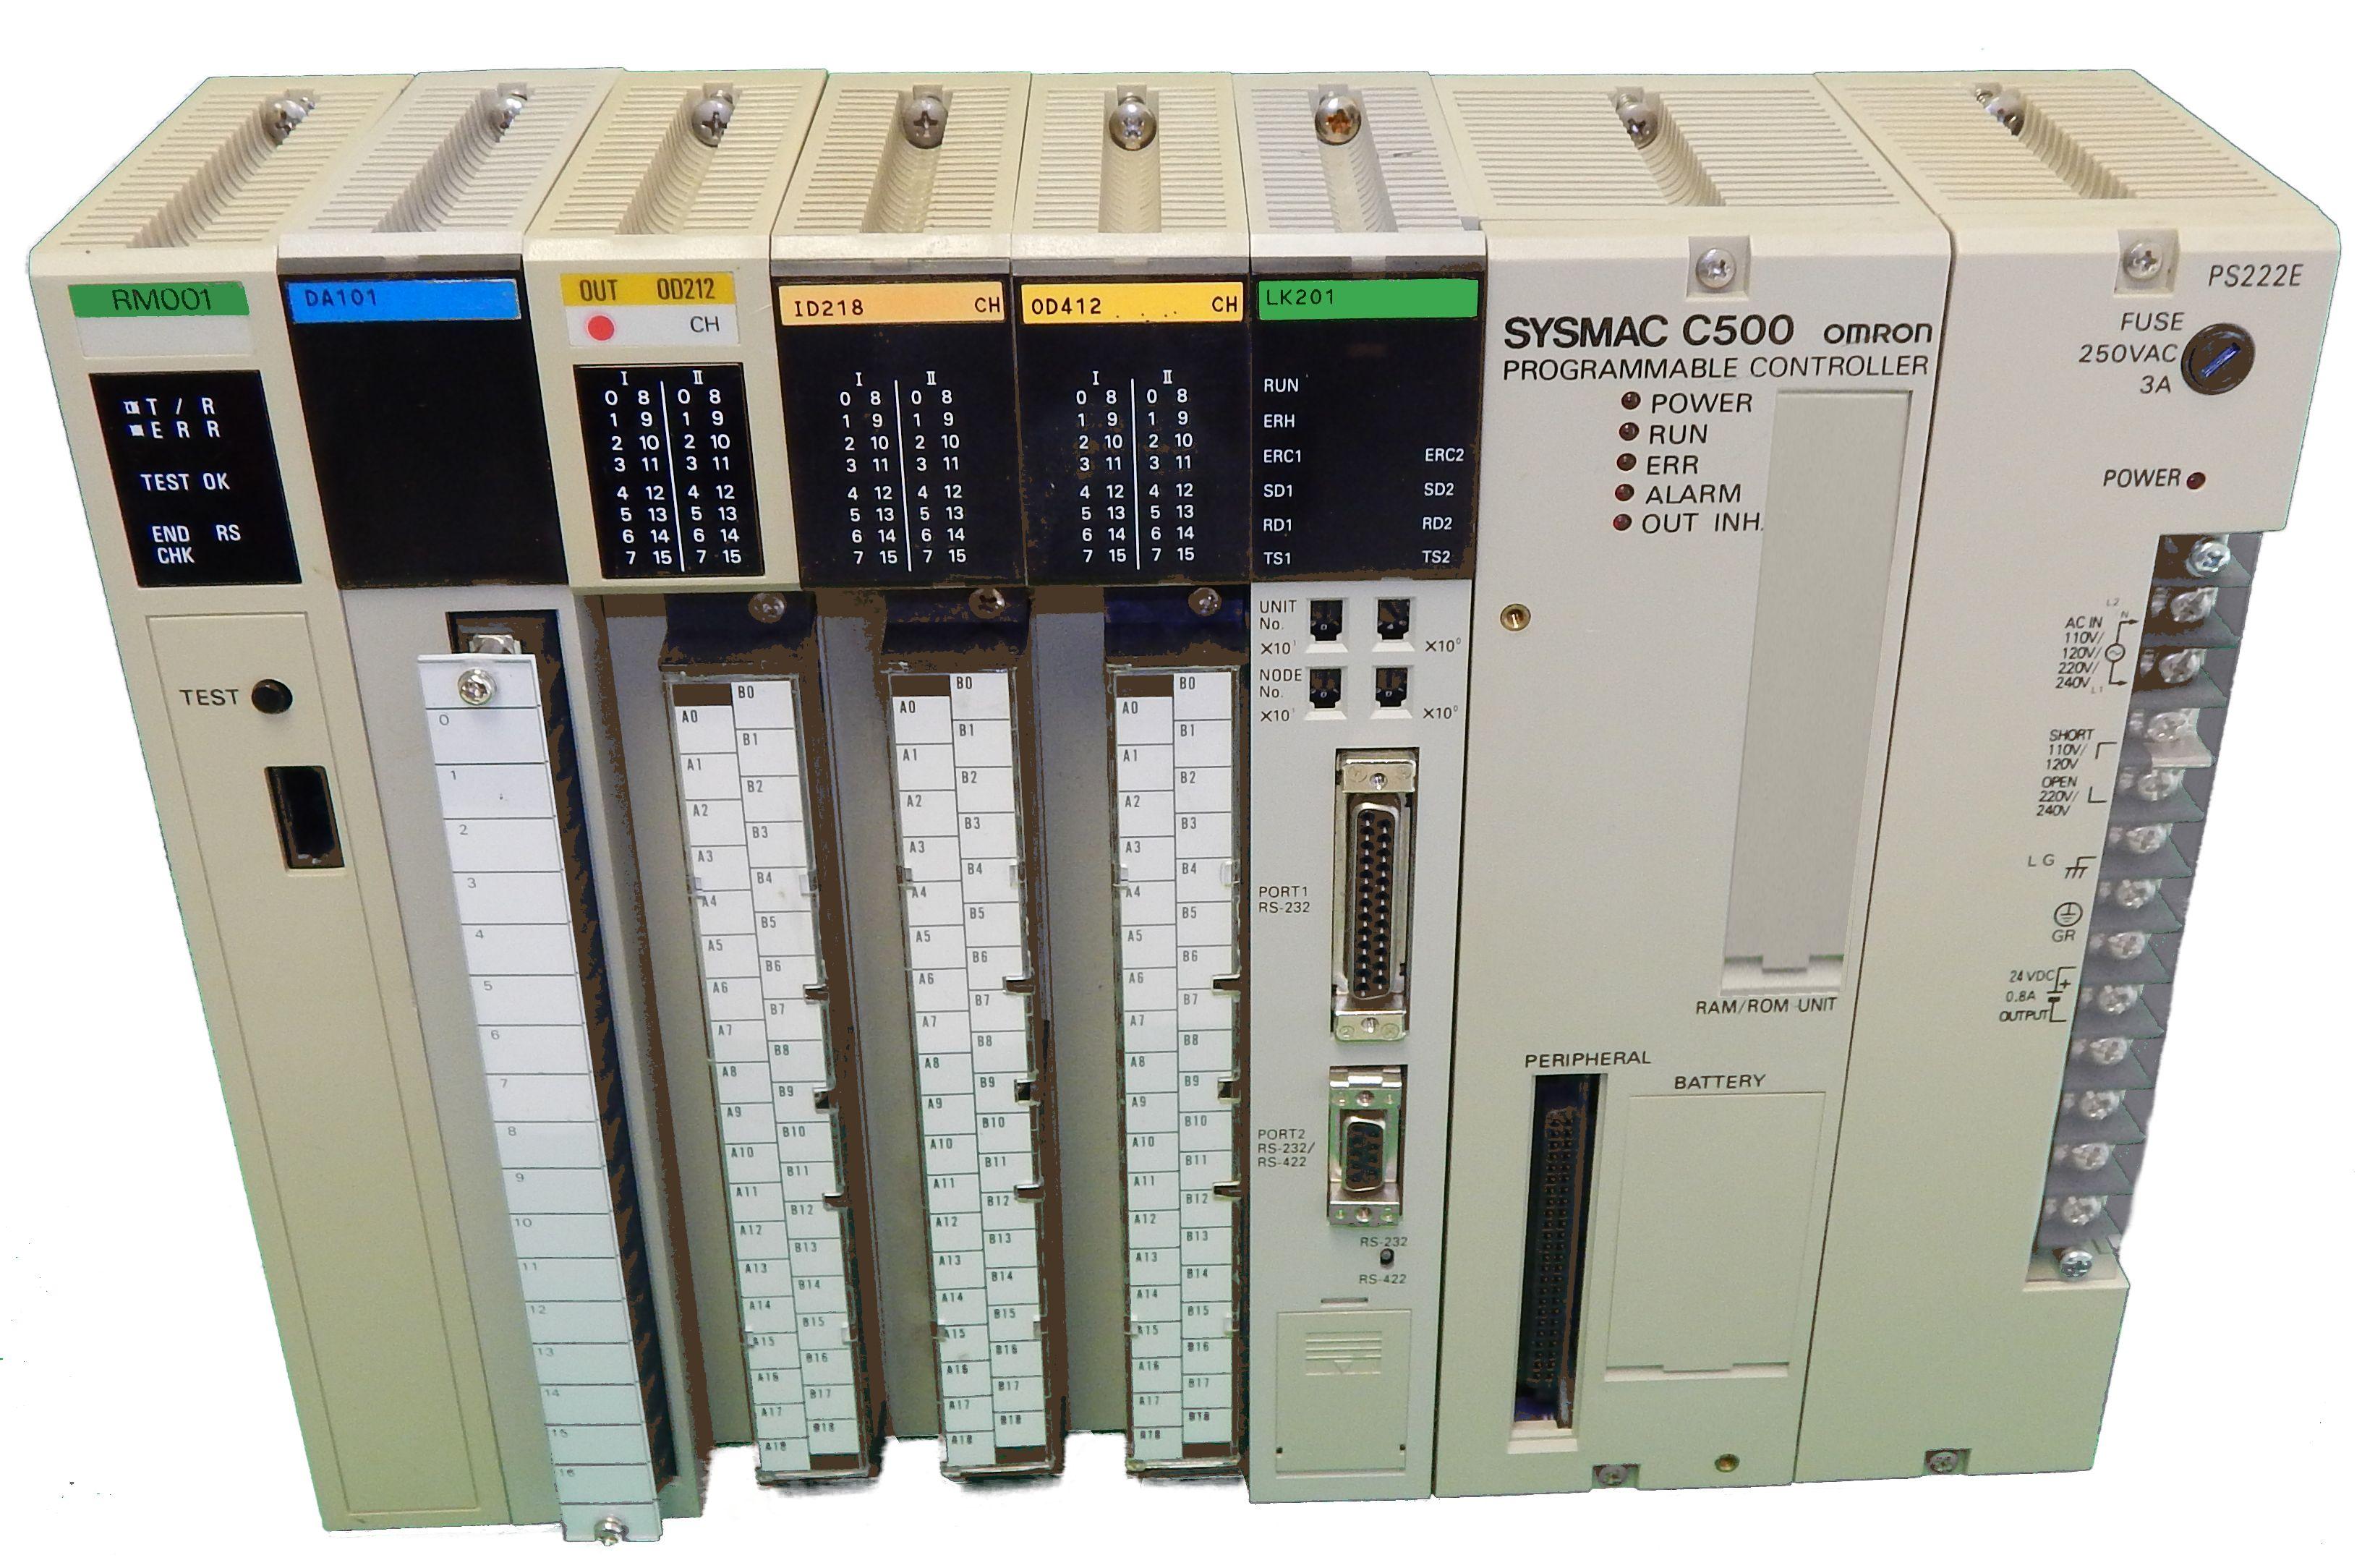 3G2C7-IP002-V2